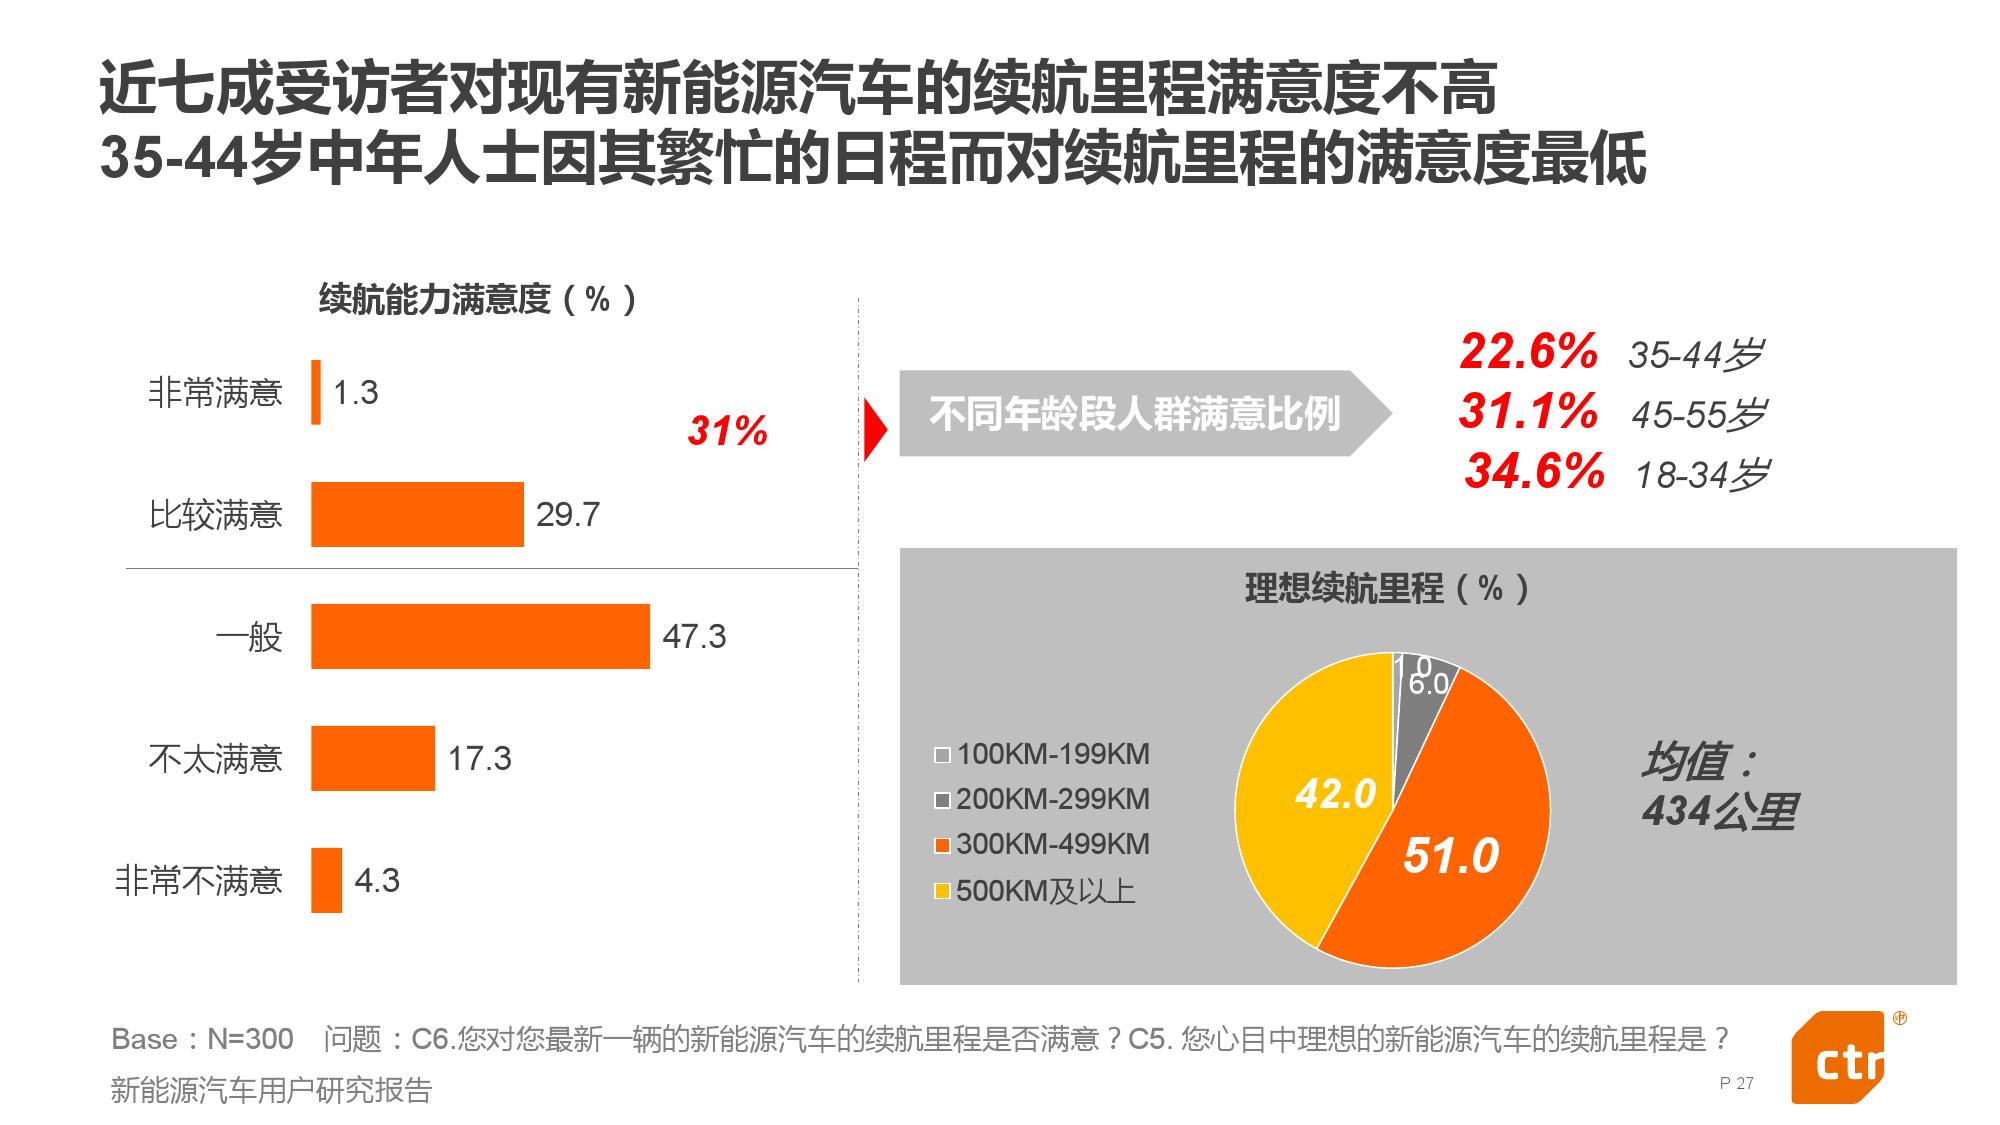 新能源汽车用户研究报告_000027